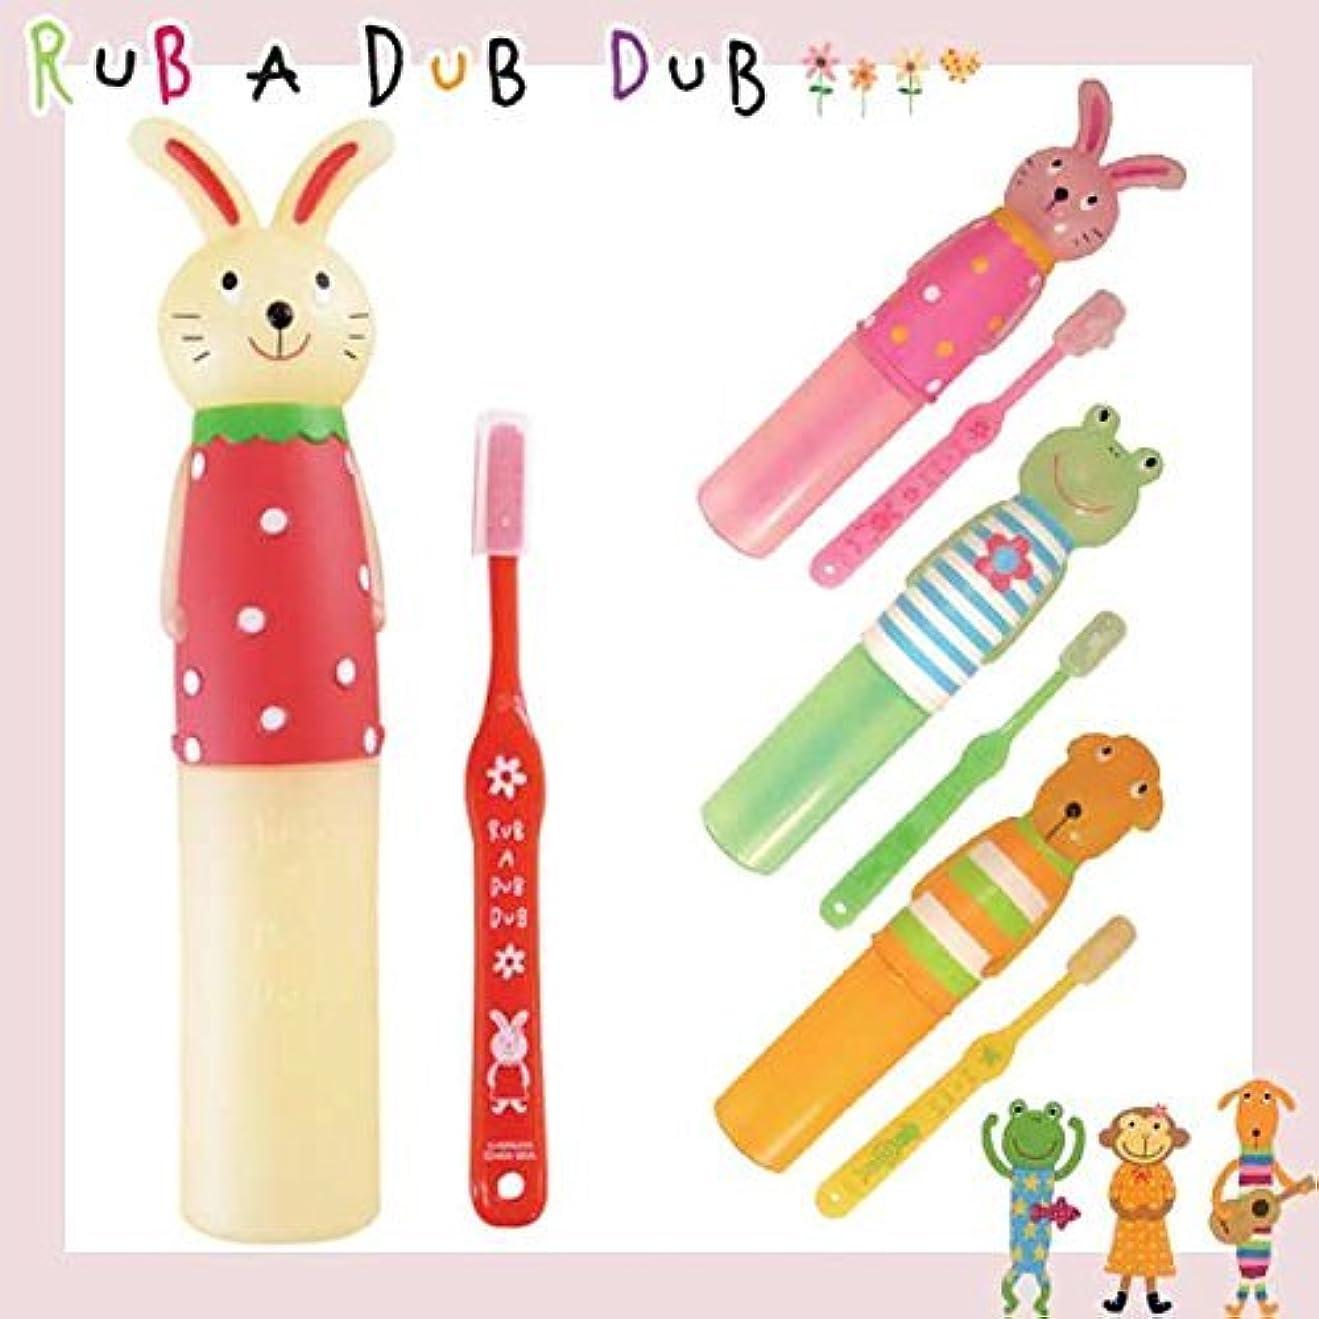 先のことを考えるありそう助けて510133/RUB A DUB DUB/R.ハブラシセット(クリームウサギ)/モンスイユ/ラブアダブダブ/キッズ/ベビー/アニマル/洗面所/歯磨き/ギフト/プレゼント